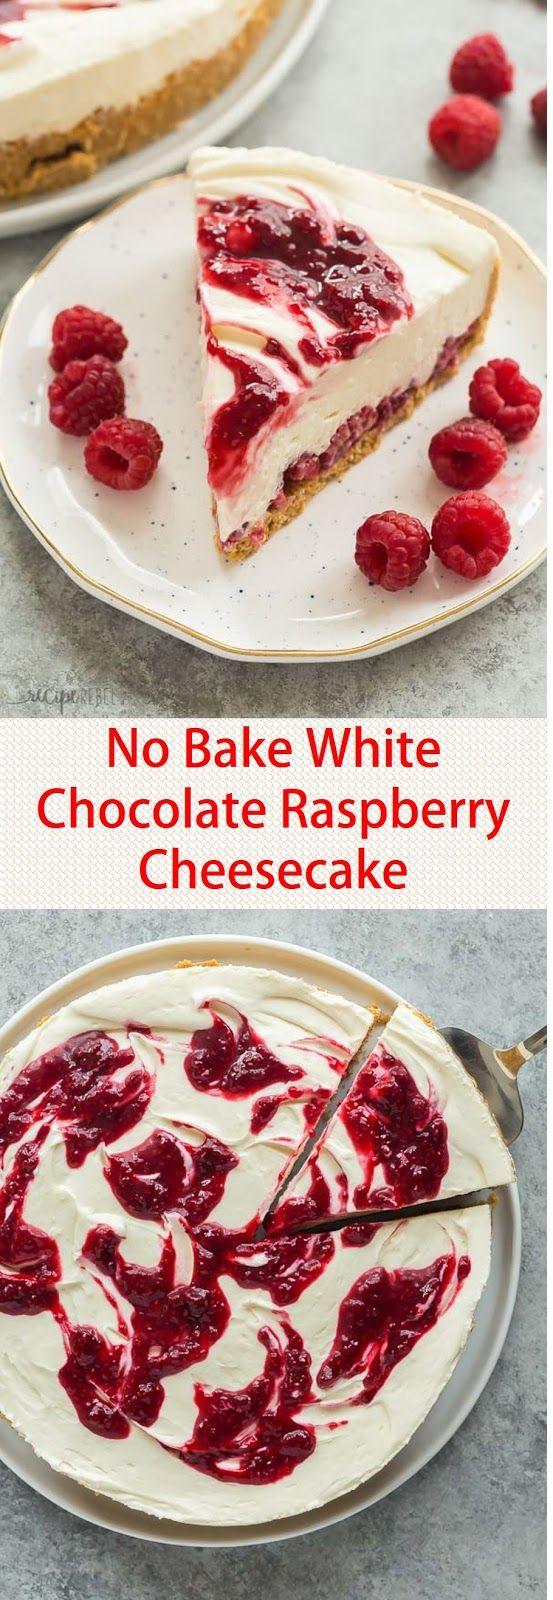 Gâteau au fromage aux framboises et au chocolat blanc sans cuisson #nobakedessert   – Backen macht Spaß